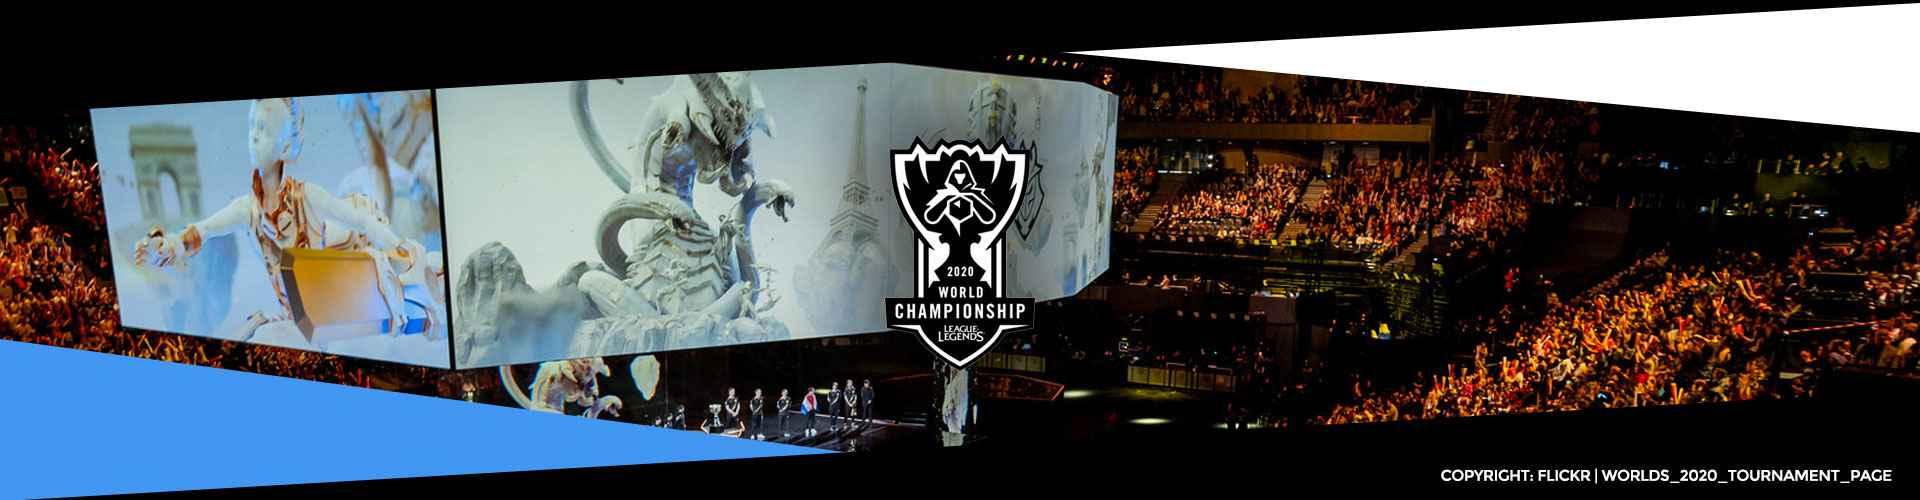 Eventsida för Worlds 2020, världsmästerskapet i League of Legends.